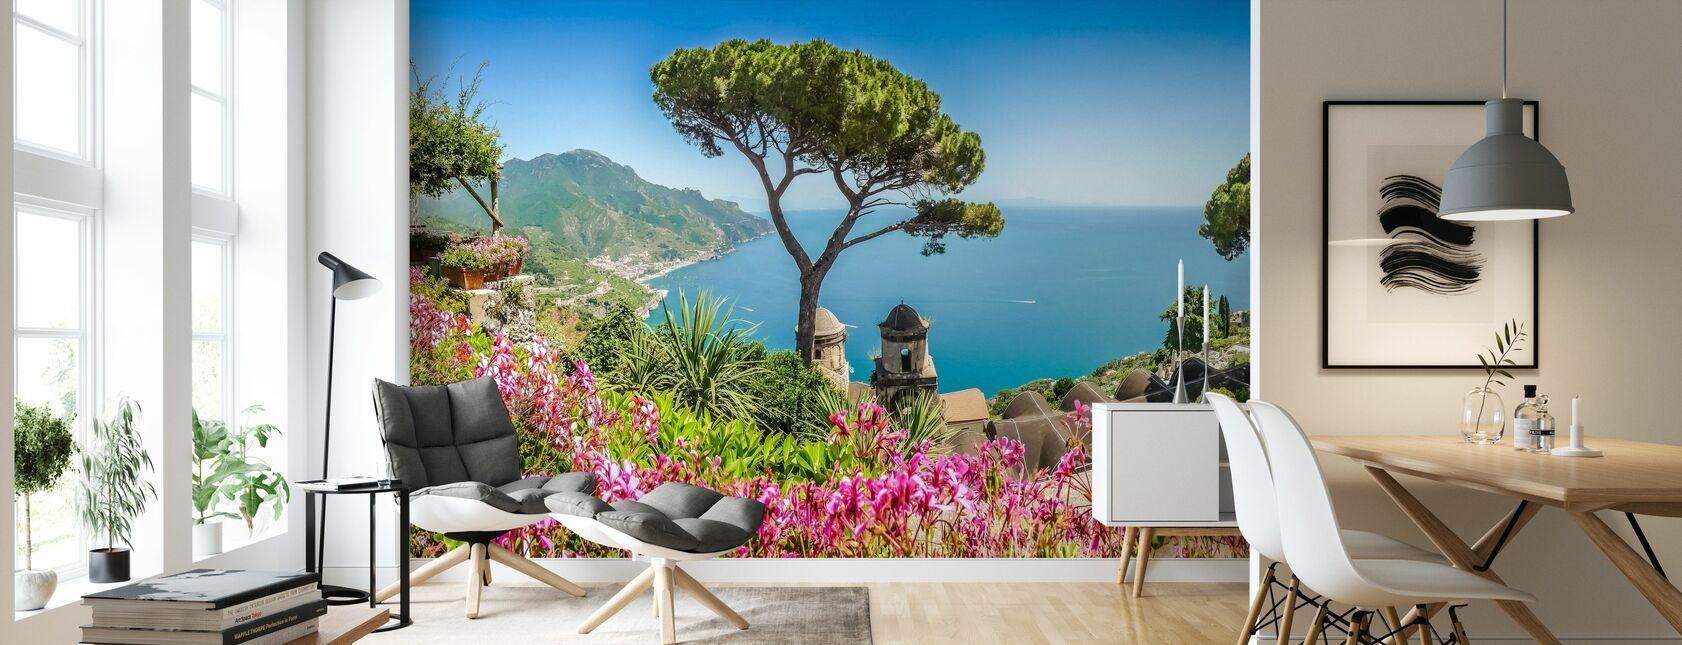 Villa Rufolo Gardens - Wallpaper - Living Room